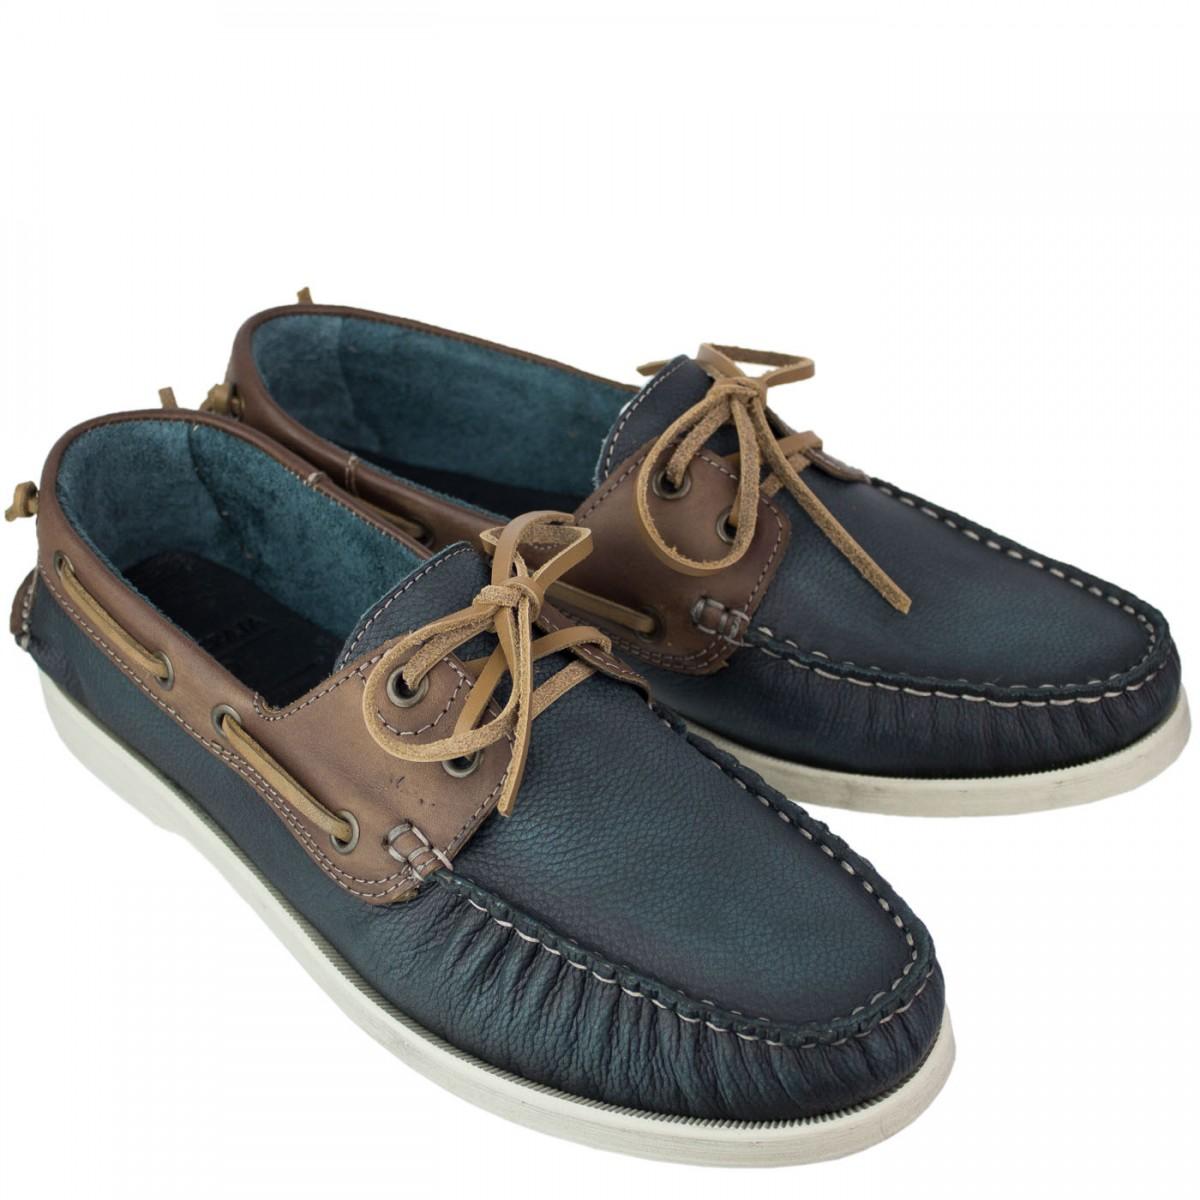 c8a1d7c680 Bizz Store - Sapato Democrata Dockside 104130